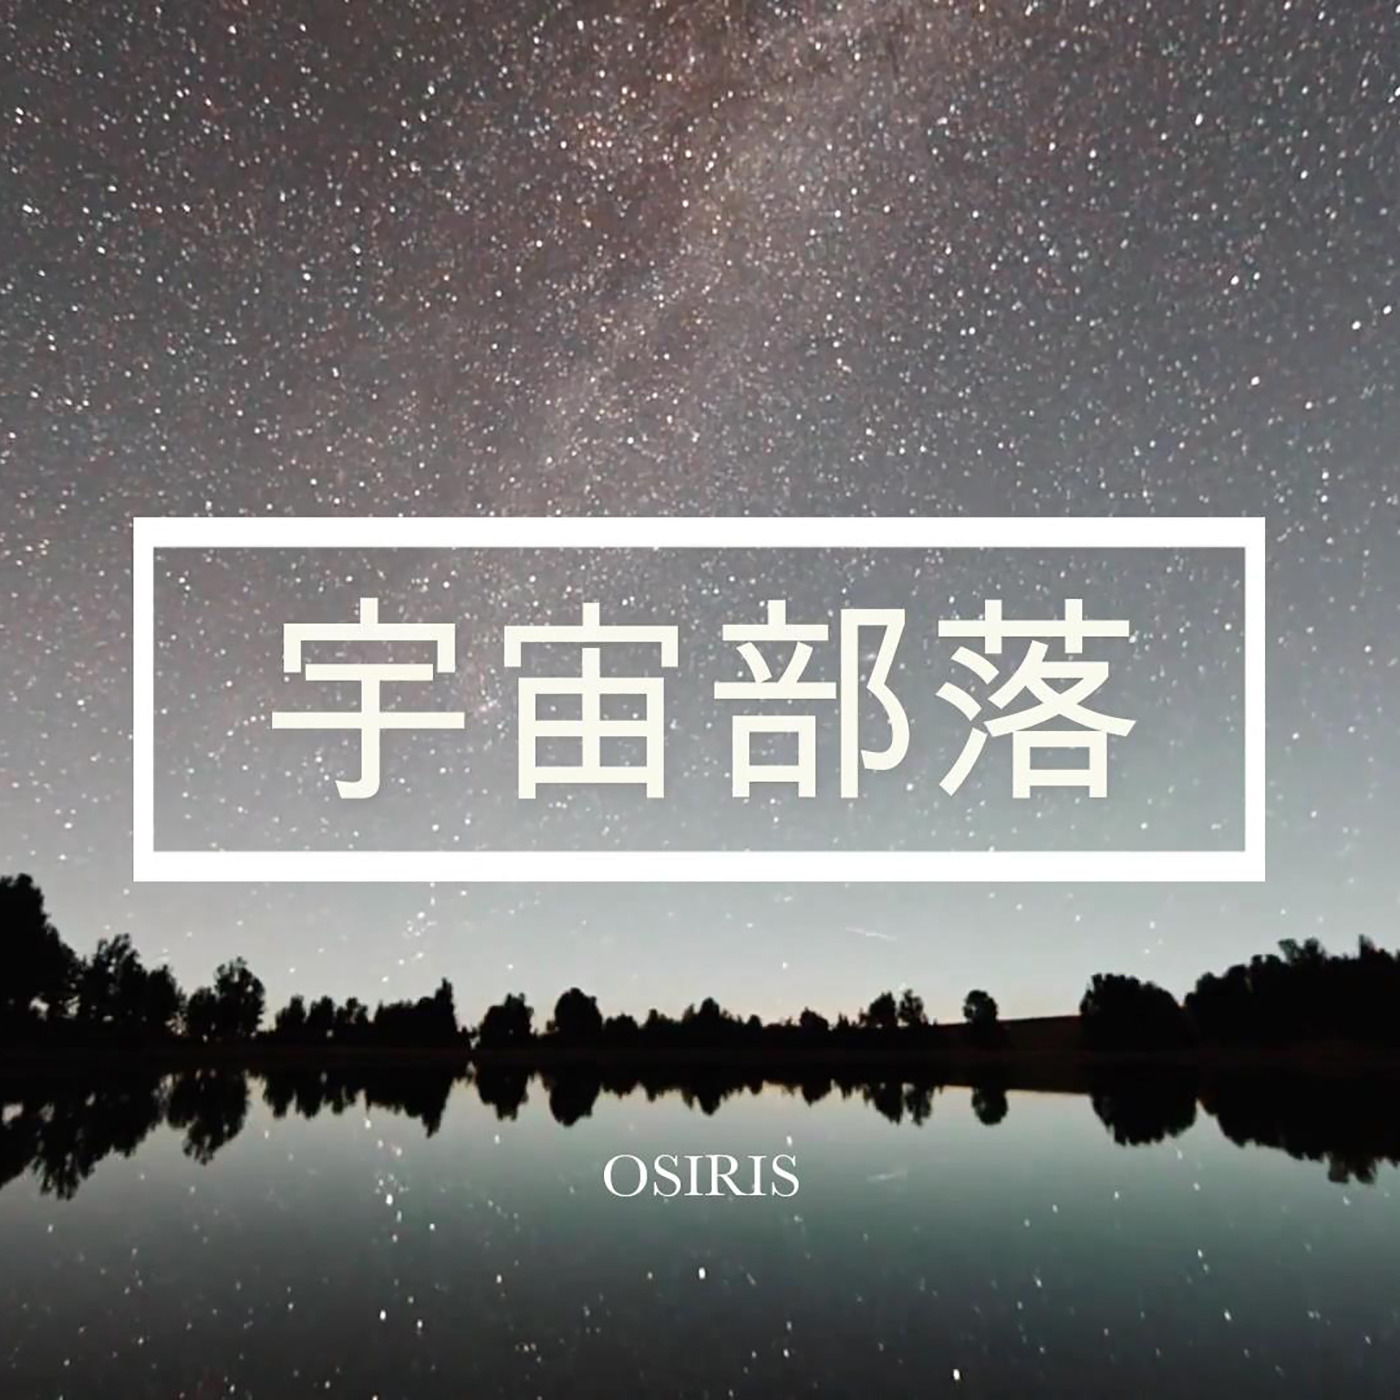 宇宙部落 EP17 - 源力覺醒